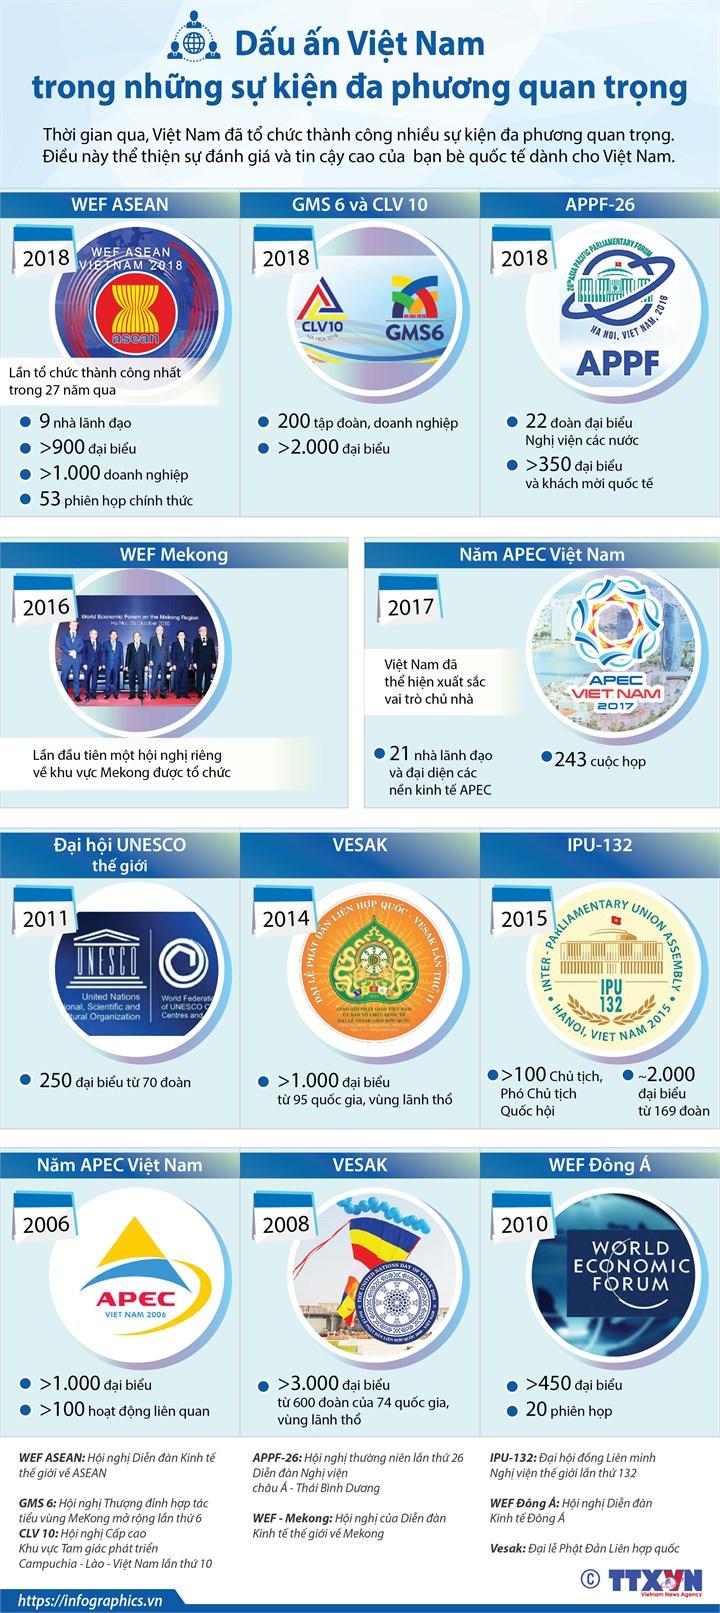 [Infographic] Dấu ấn Việt Nam trong những sự kiện đa phương quan trọng - Ảnh 1